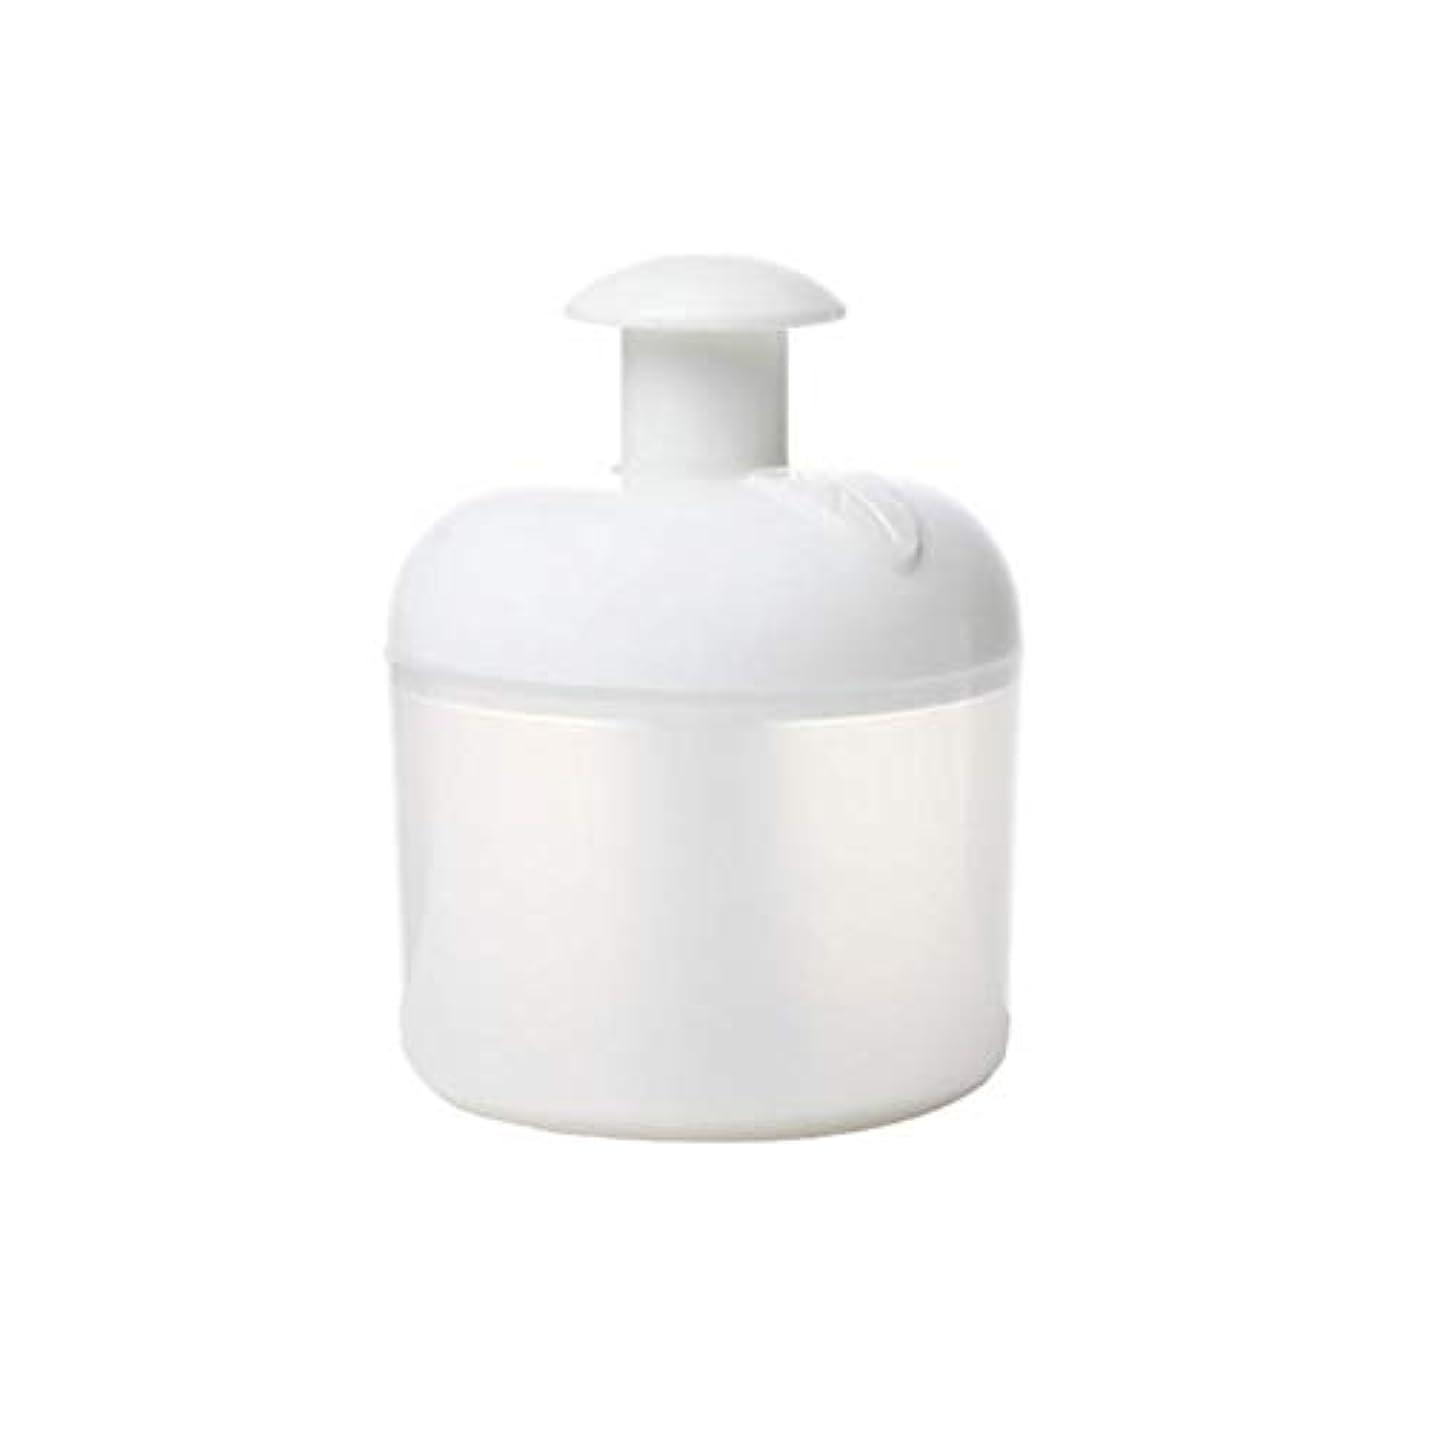 受け入れた踏み台マイクロバブルフォーマー - Dewin 洗顔泡立て器 洗顔ネット マイクロホイッパー クリーンツール 7倍の濃厚なバブル 美容グッズ